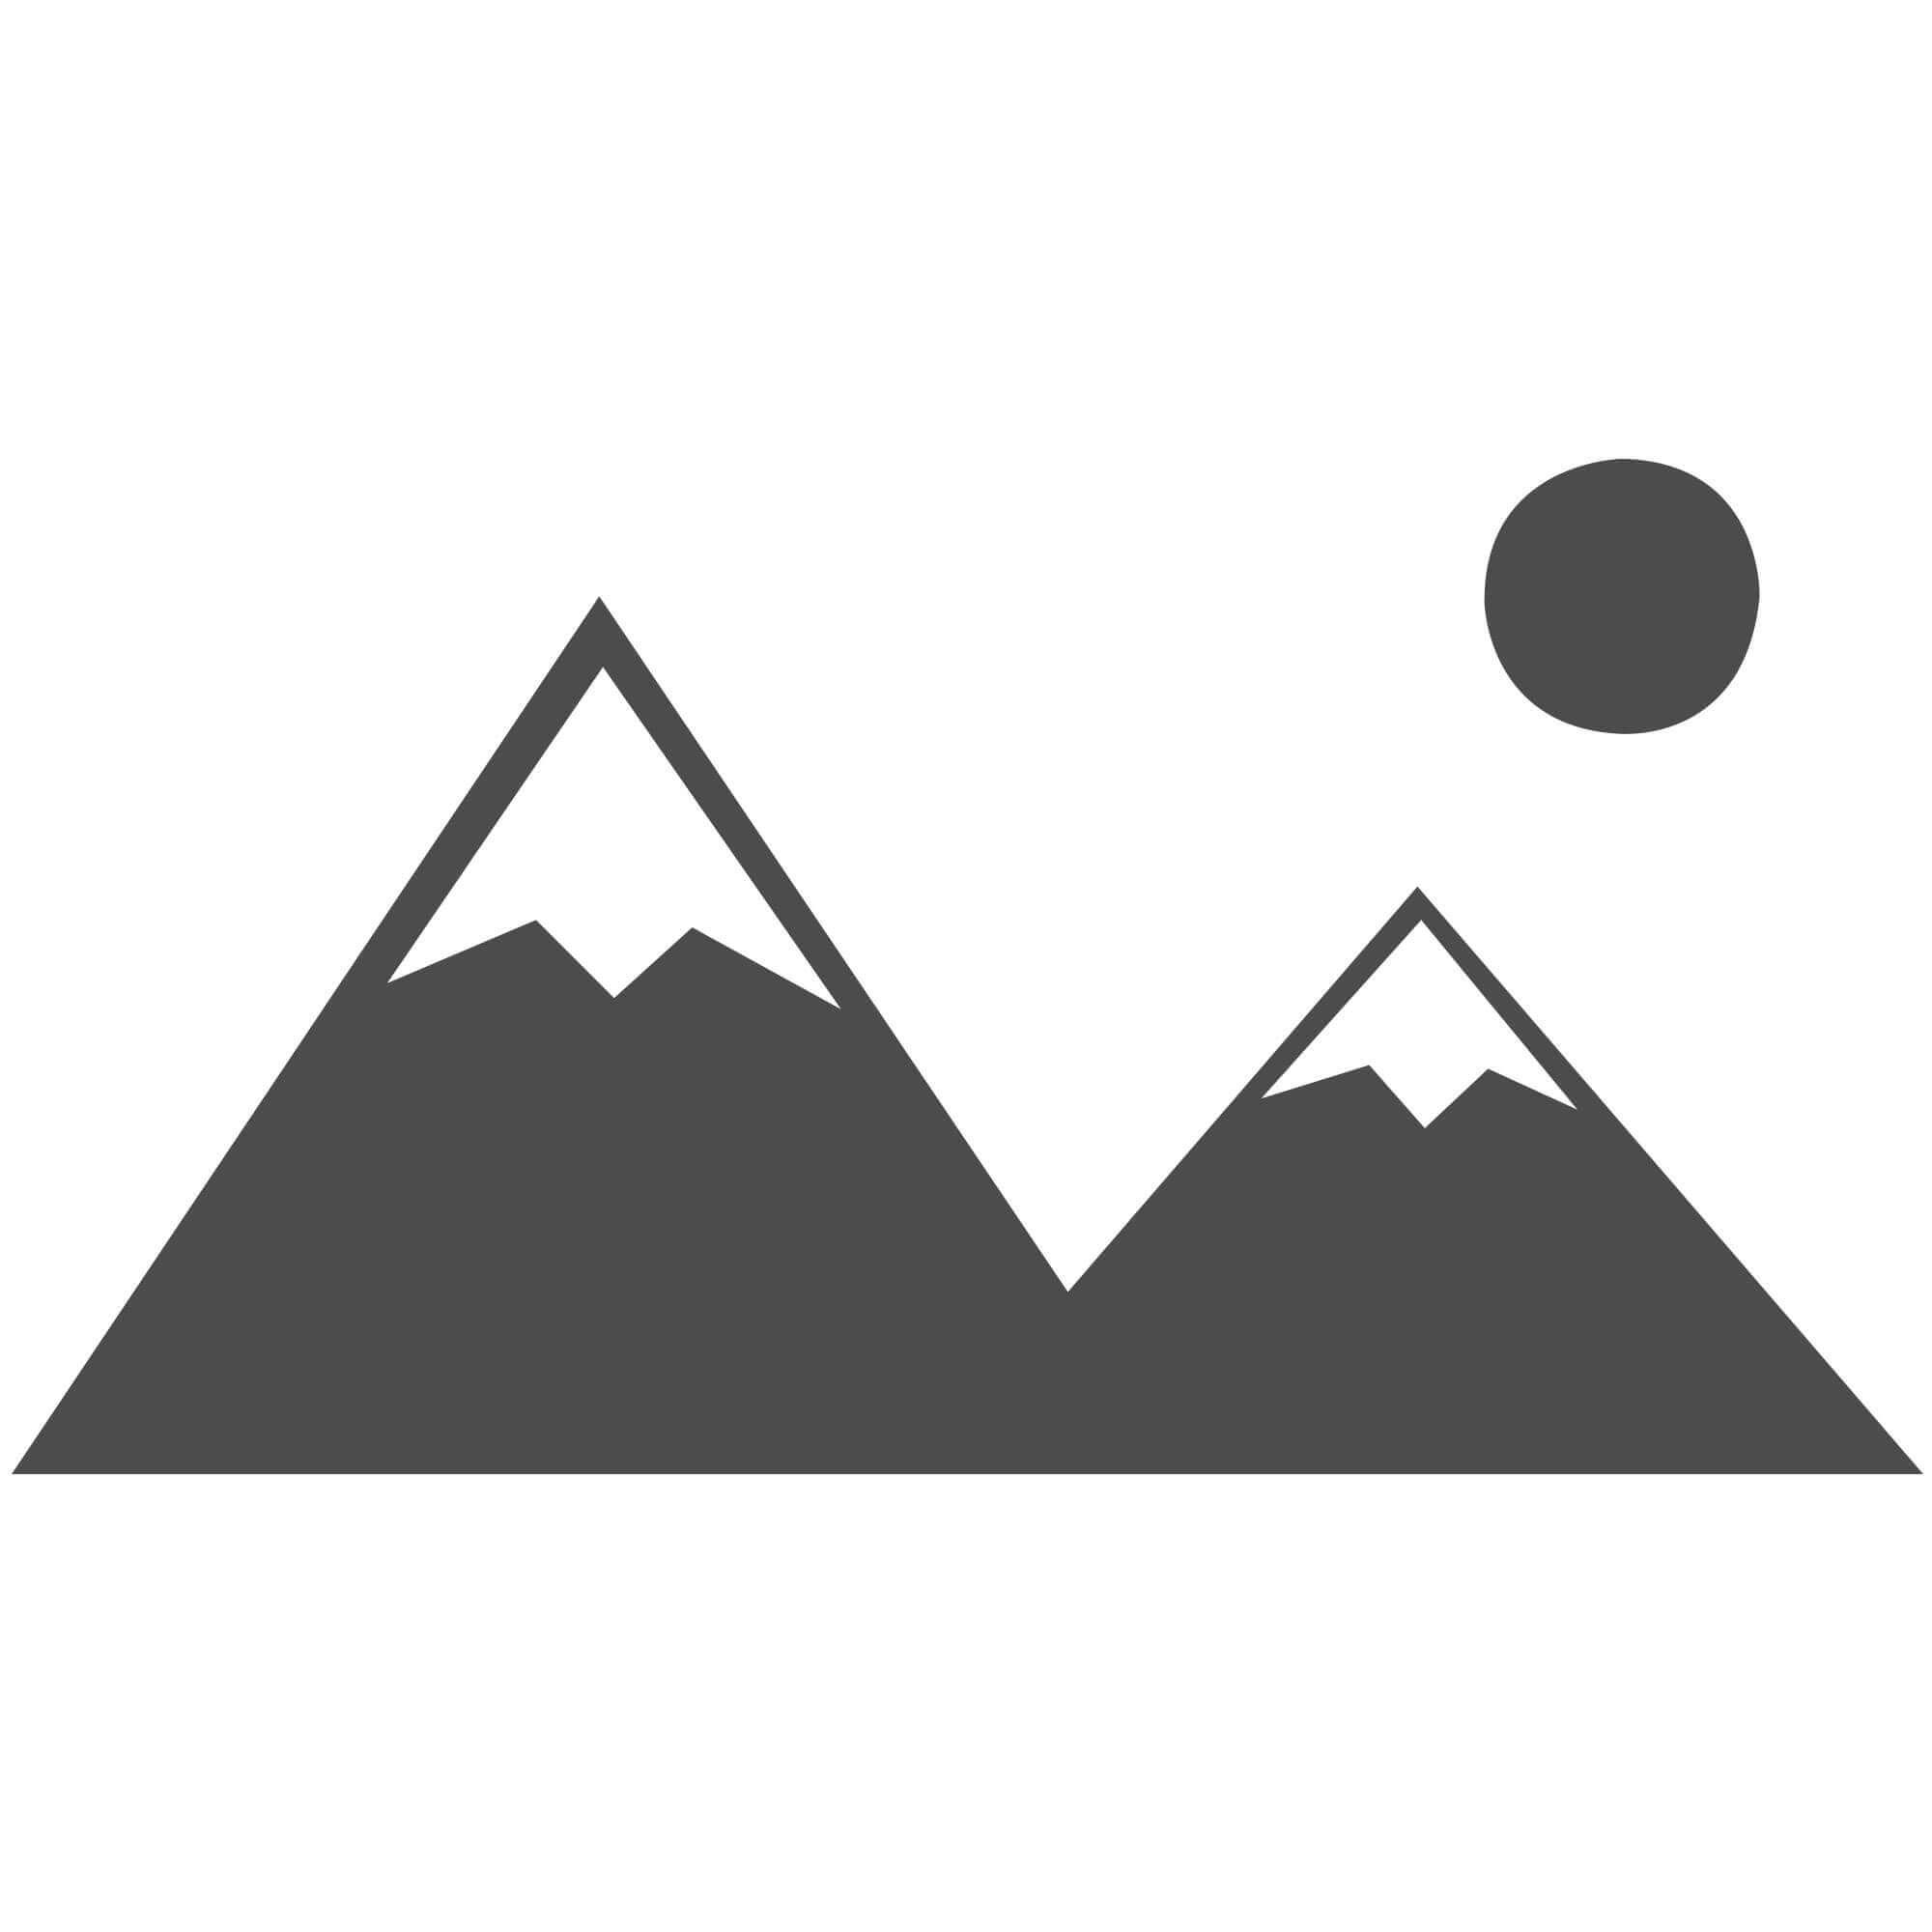 Estella Carre Squares Rug 84400-200 x 280 cm